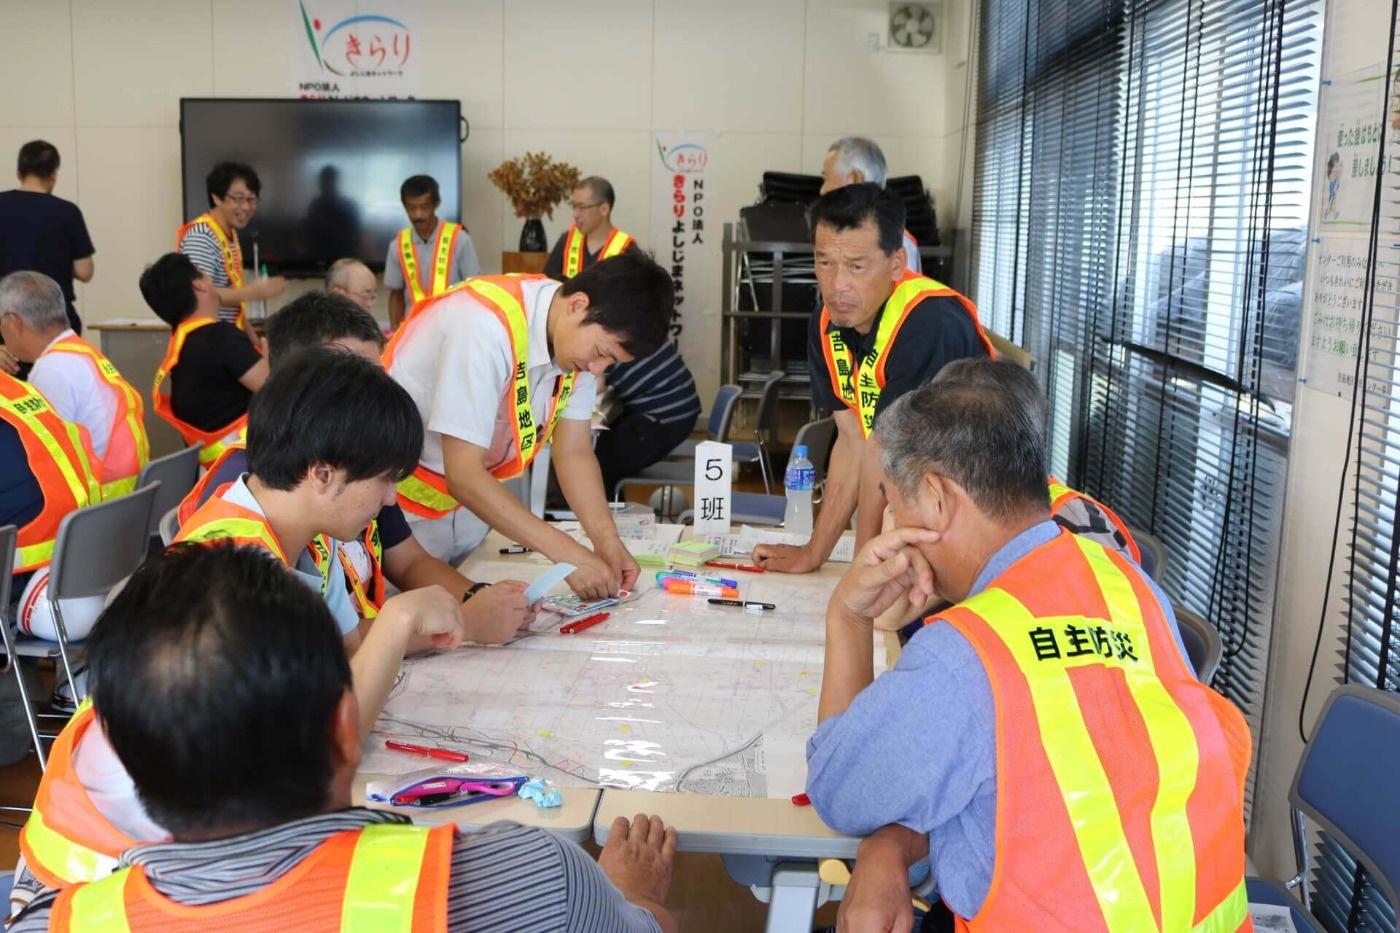 吉島地区総合防災訓練の様子